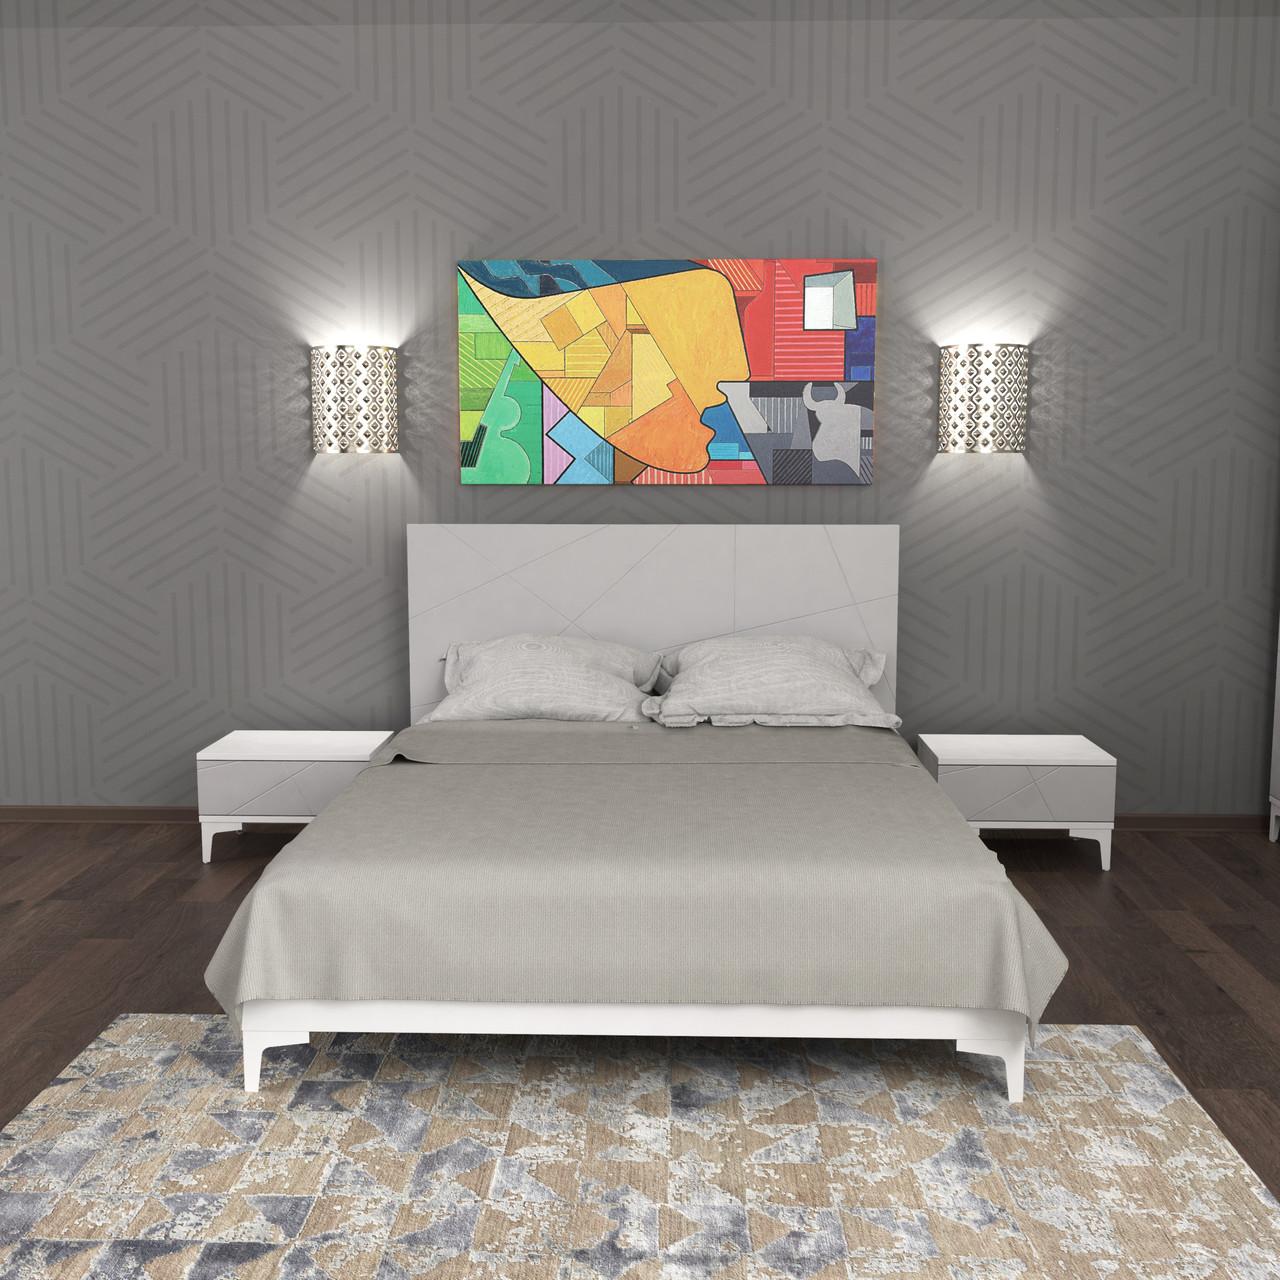 Спальний комплект Picassa b2 Попелястий софттач